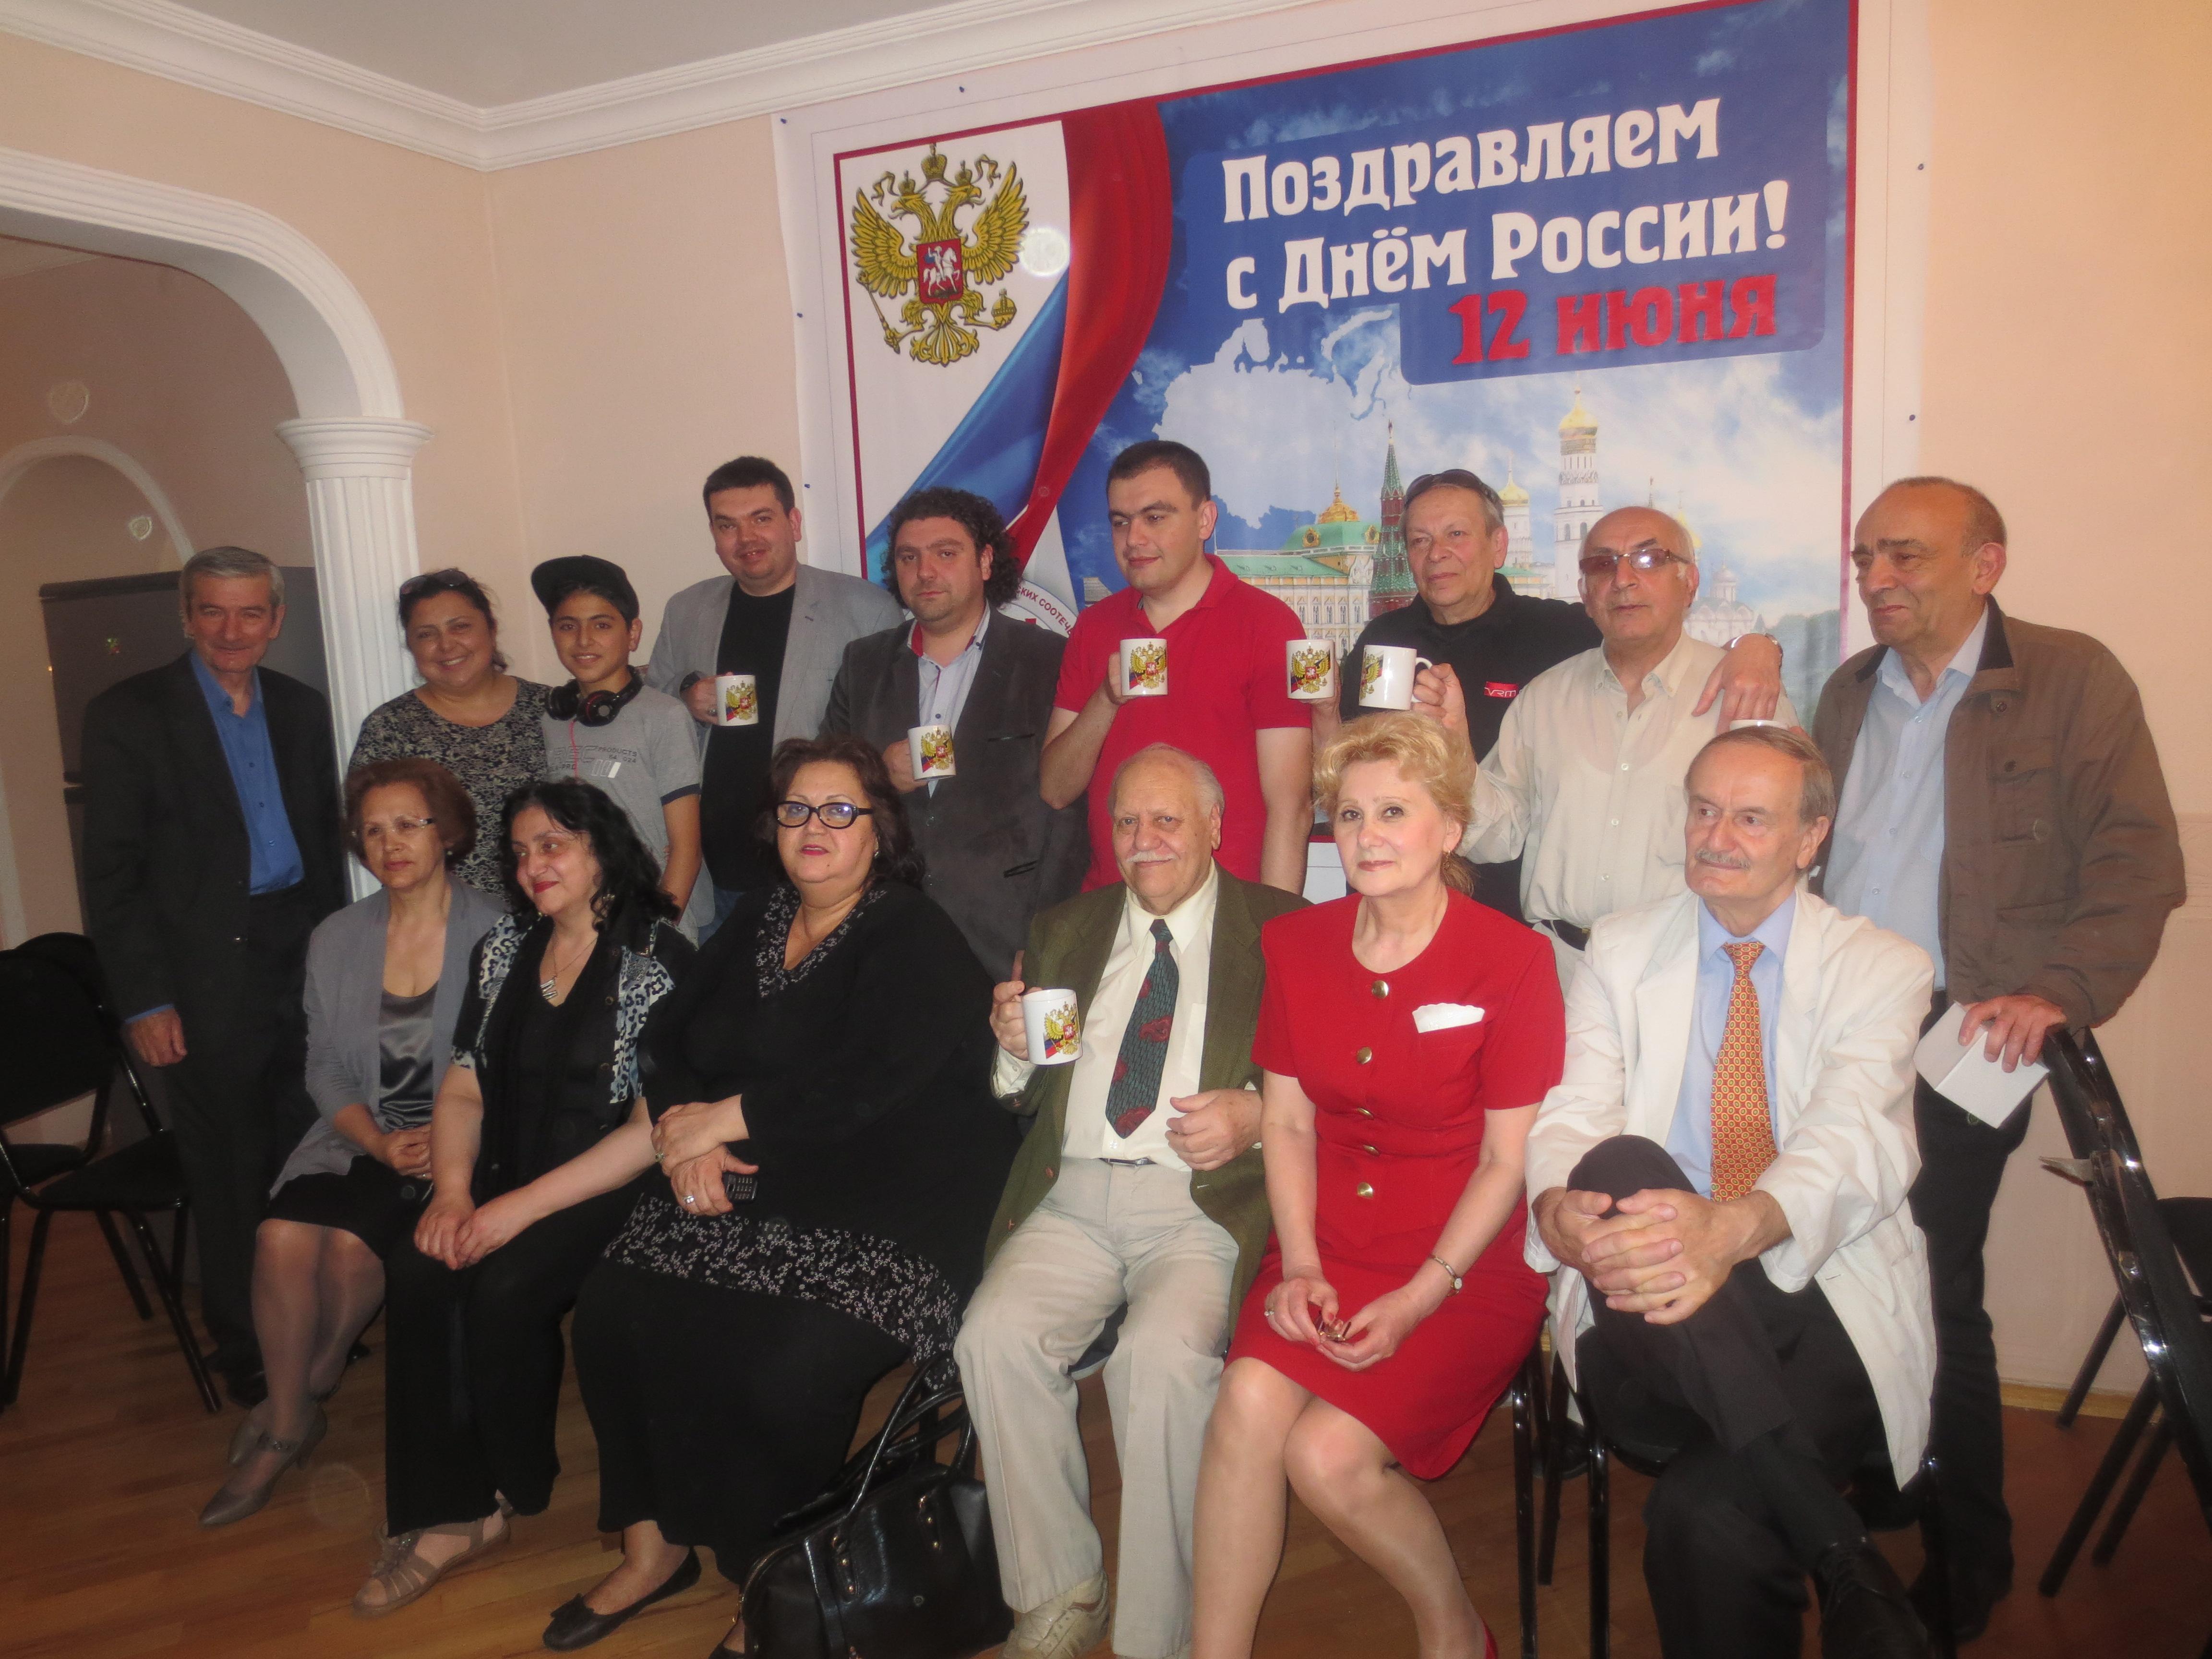 Празднование Дня России в Грузии